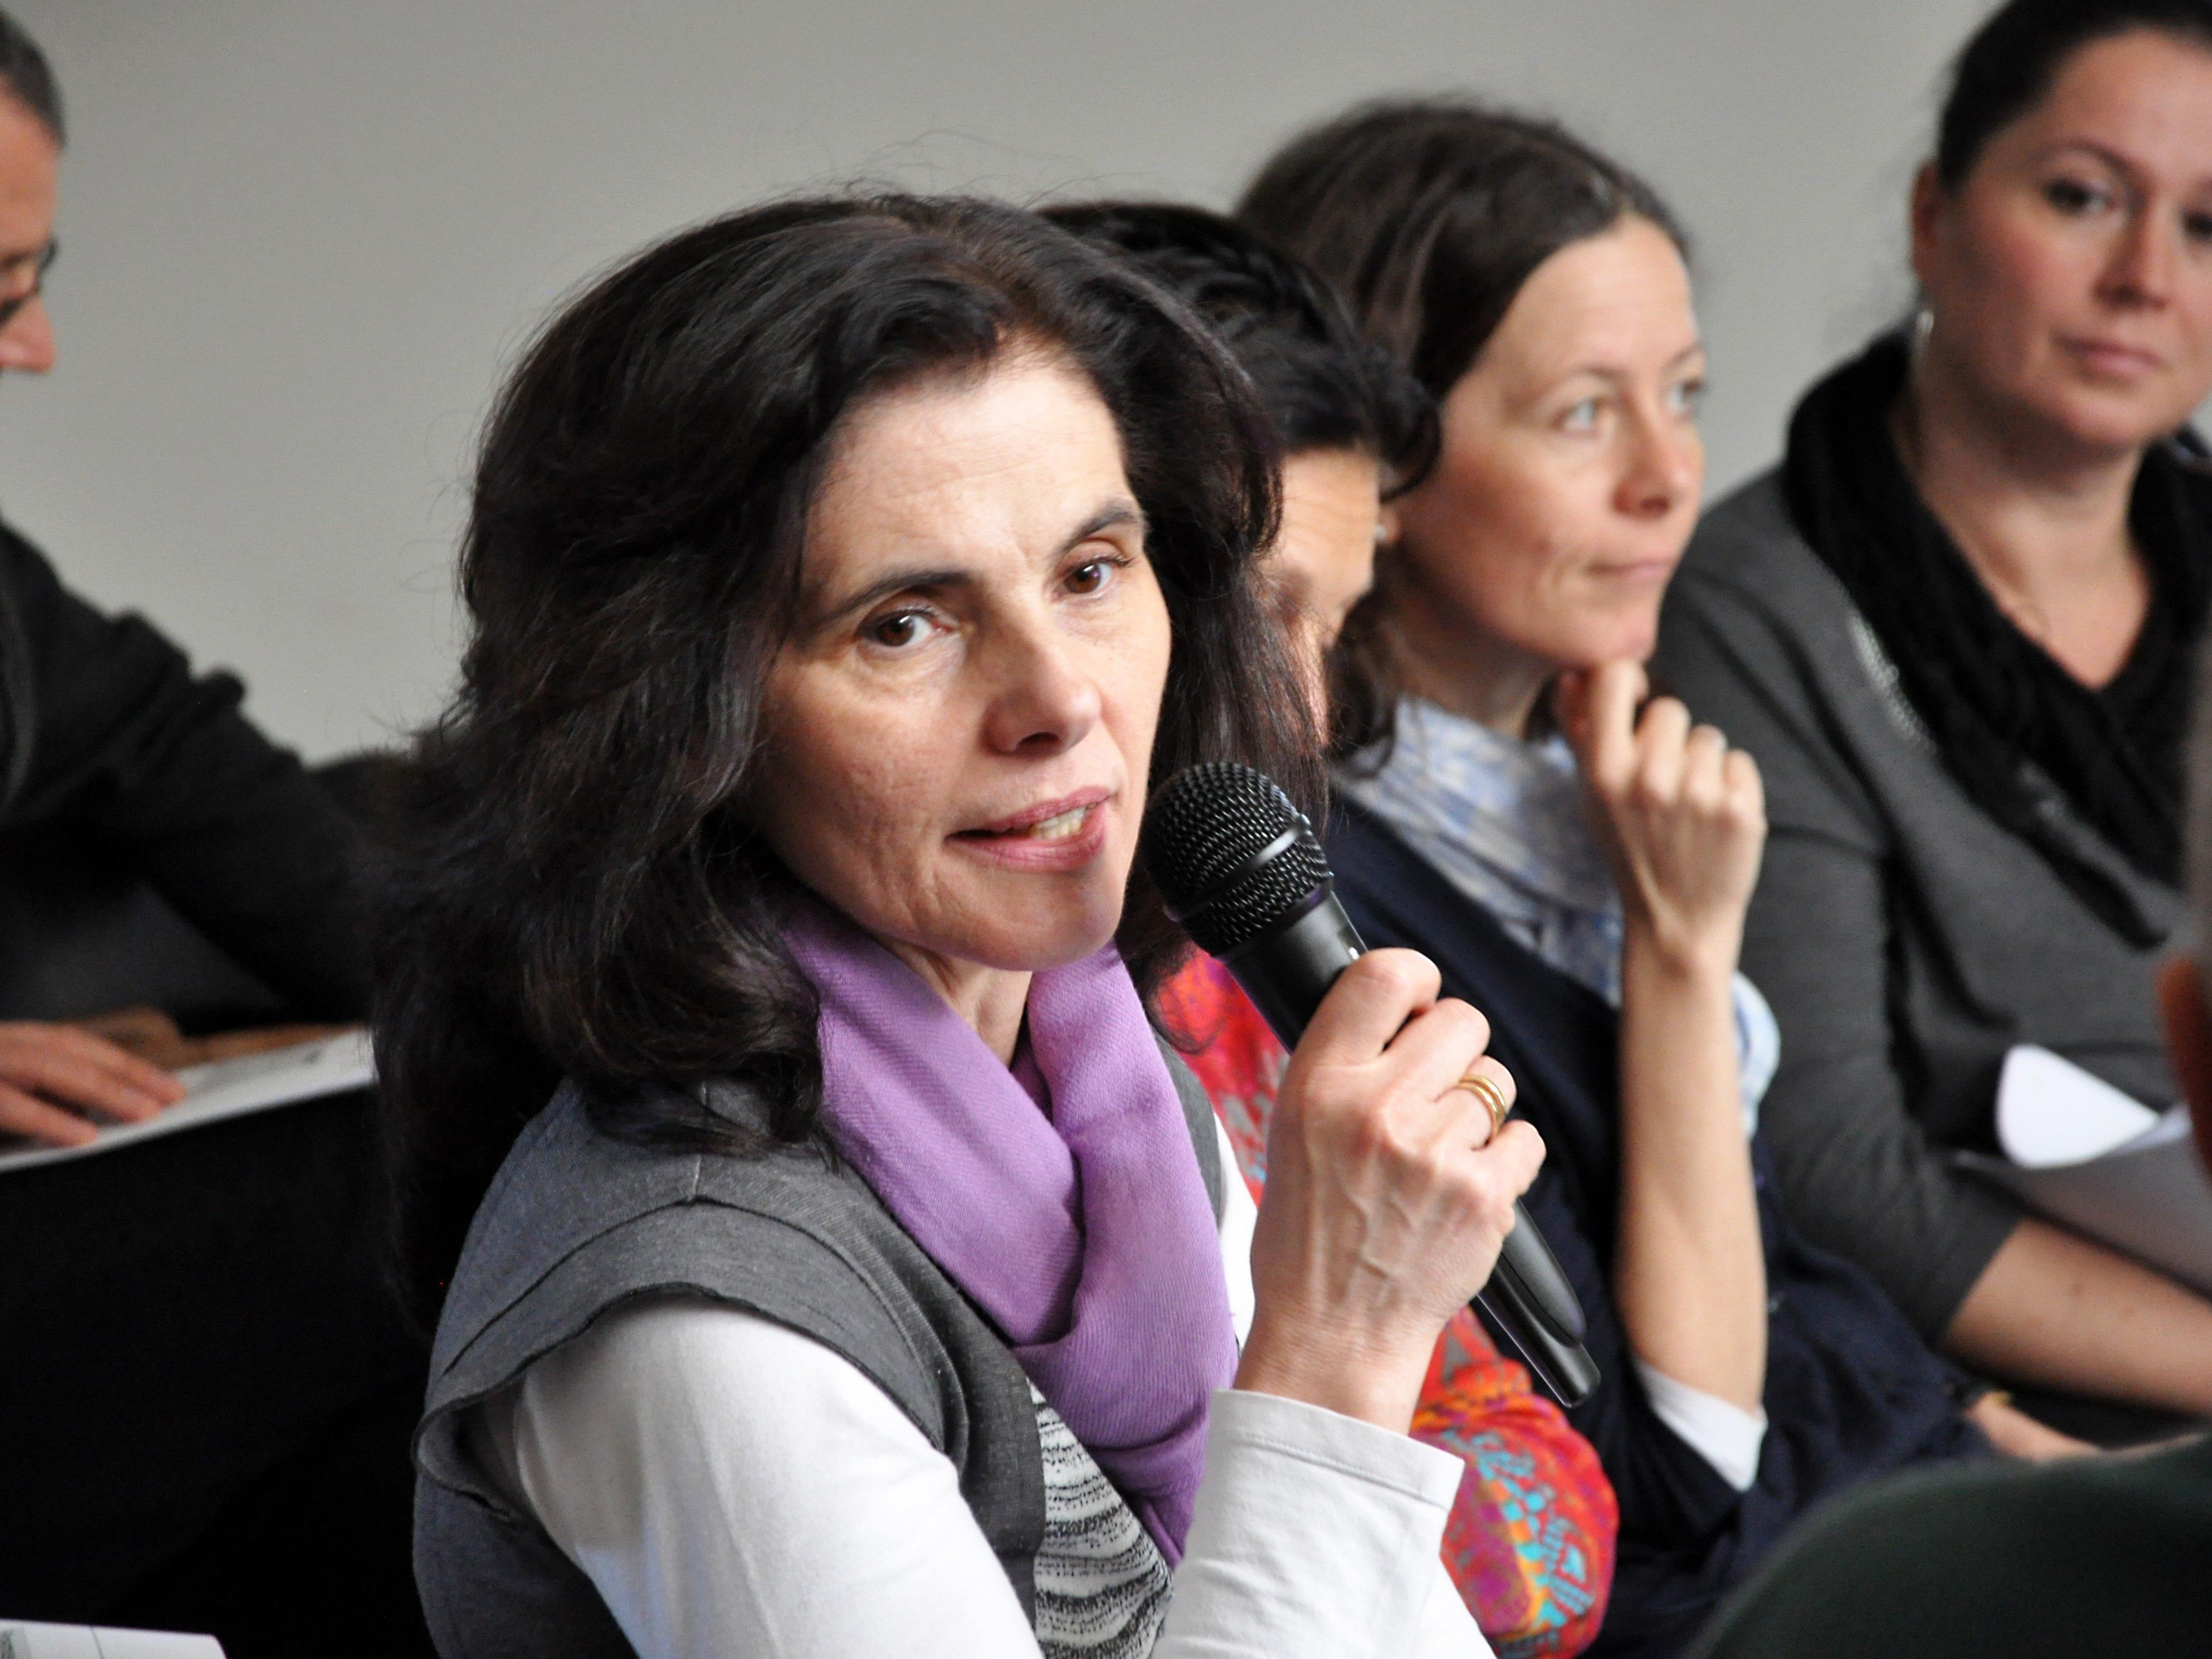 """Die Veranstaltung findet im Rahmen der österreichweiten Veranstaltungsreihe """"Der Blick über den Tellerrand: Die europäische Dimension der Erwachsenenbildung"""" von EPALE Österreich statt."""